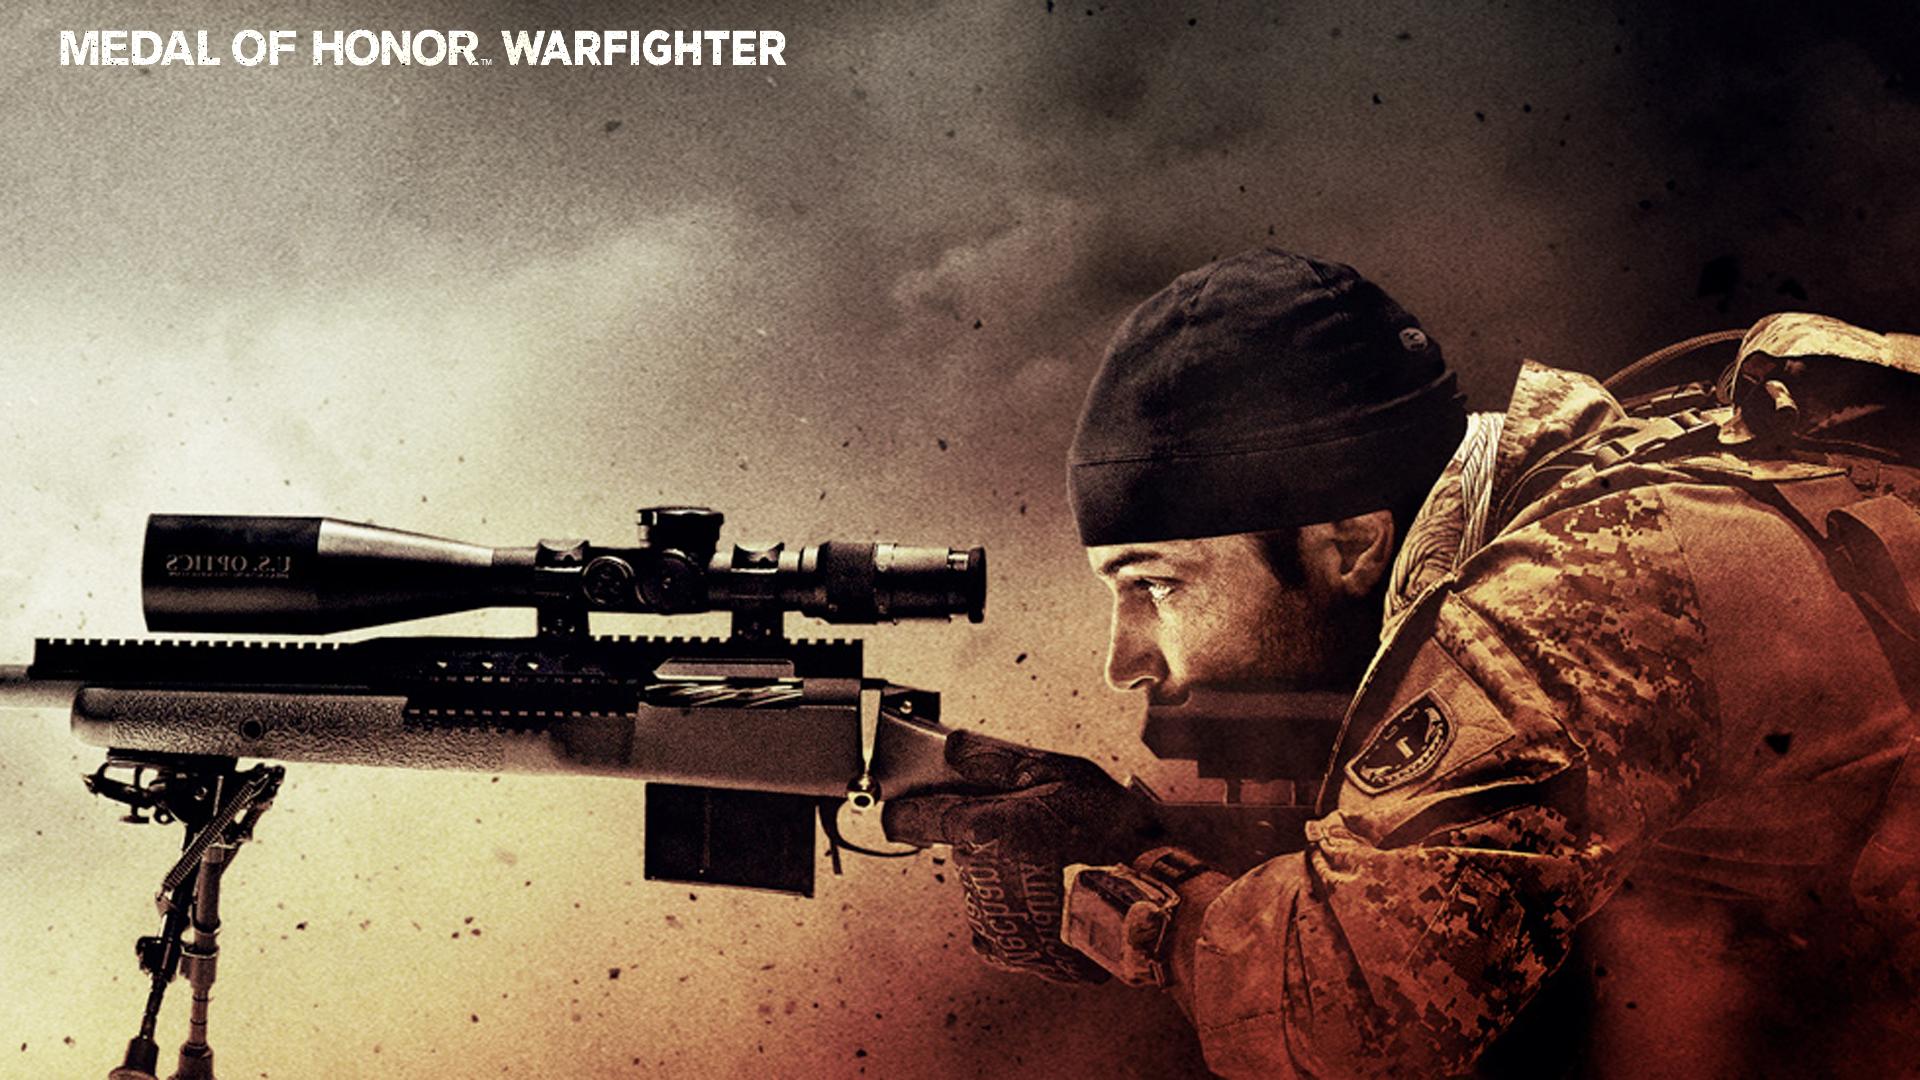 Medal Of Honor Warfighter Wallpaper 11 By Xkirbz On Deviantart